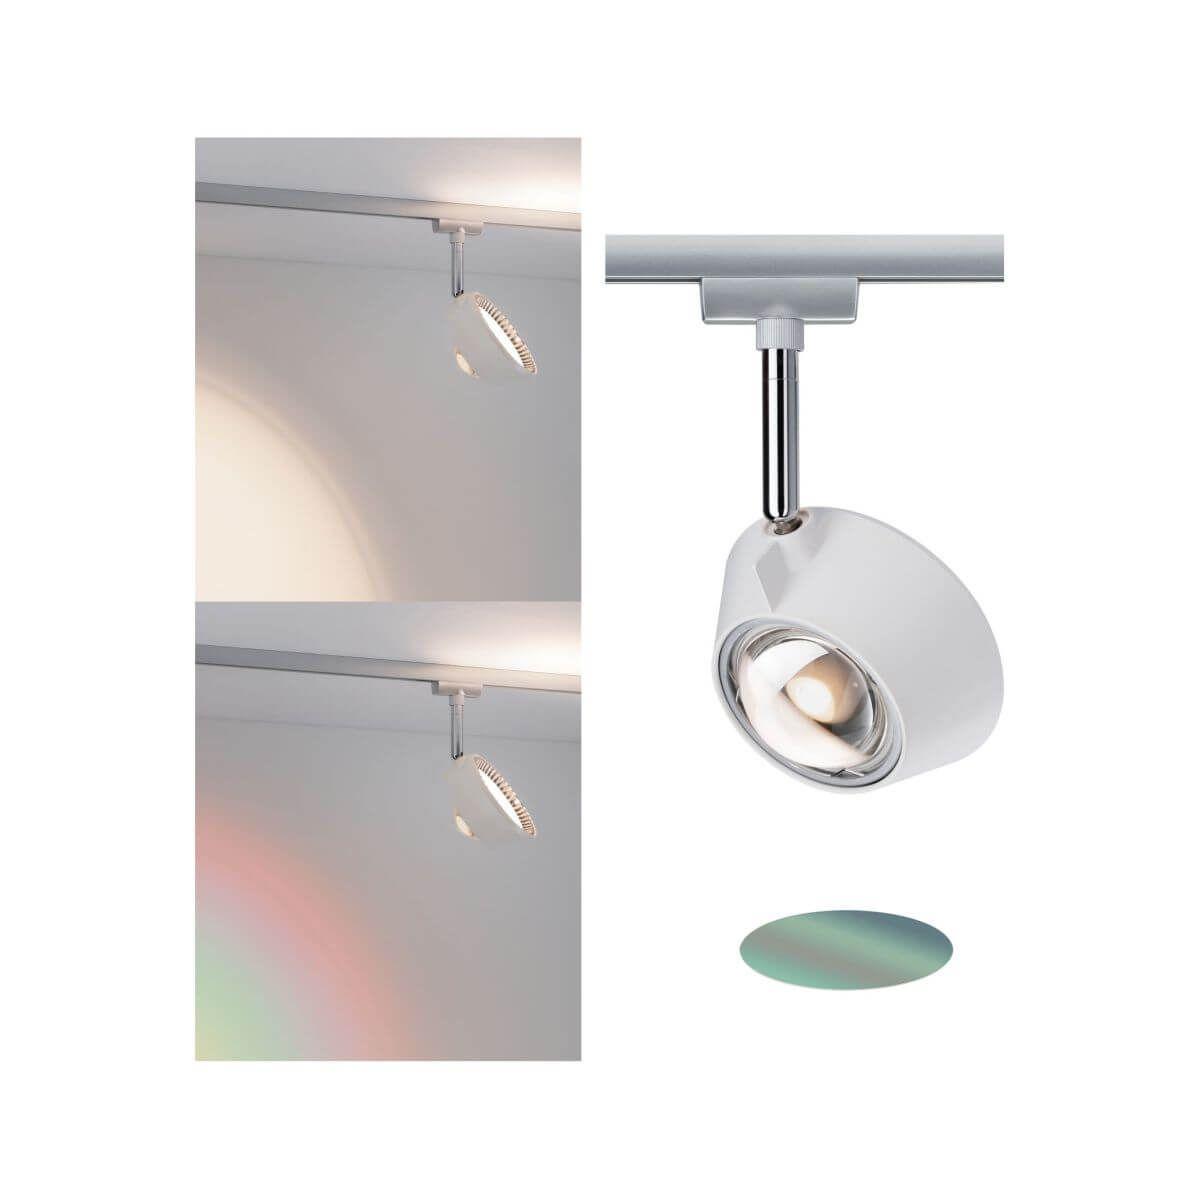 Paulmann Urail Led Spot Sabik 13w Chrom Matt 230v 570 Lm Warmweiss 2700 K Dimmbar Indirektes Licht Led Spots Licht